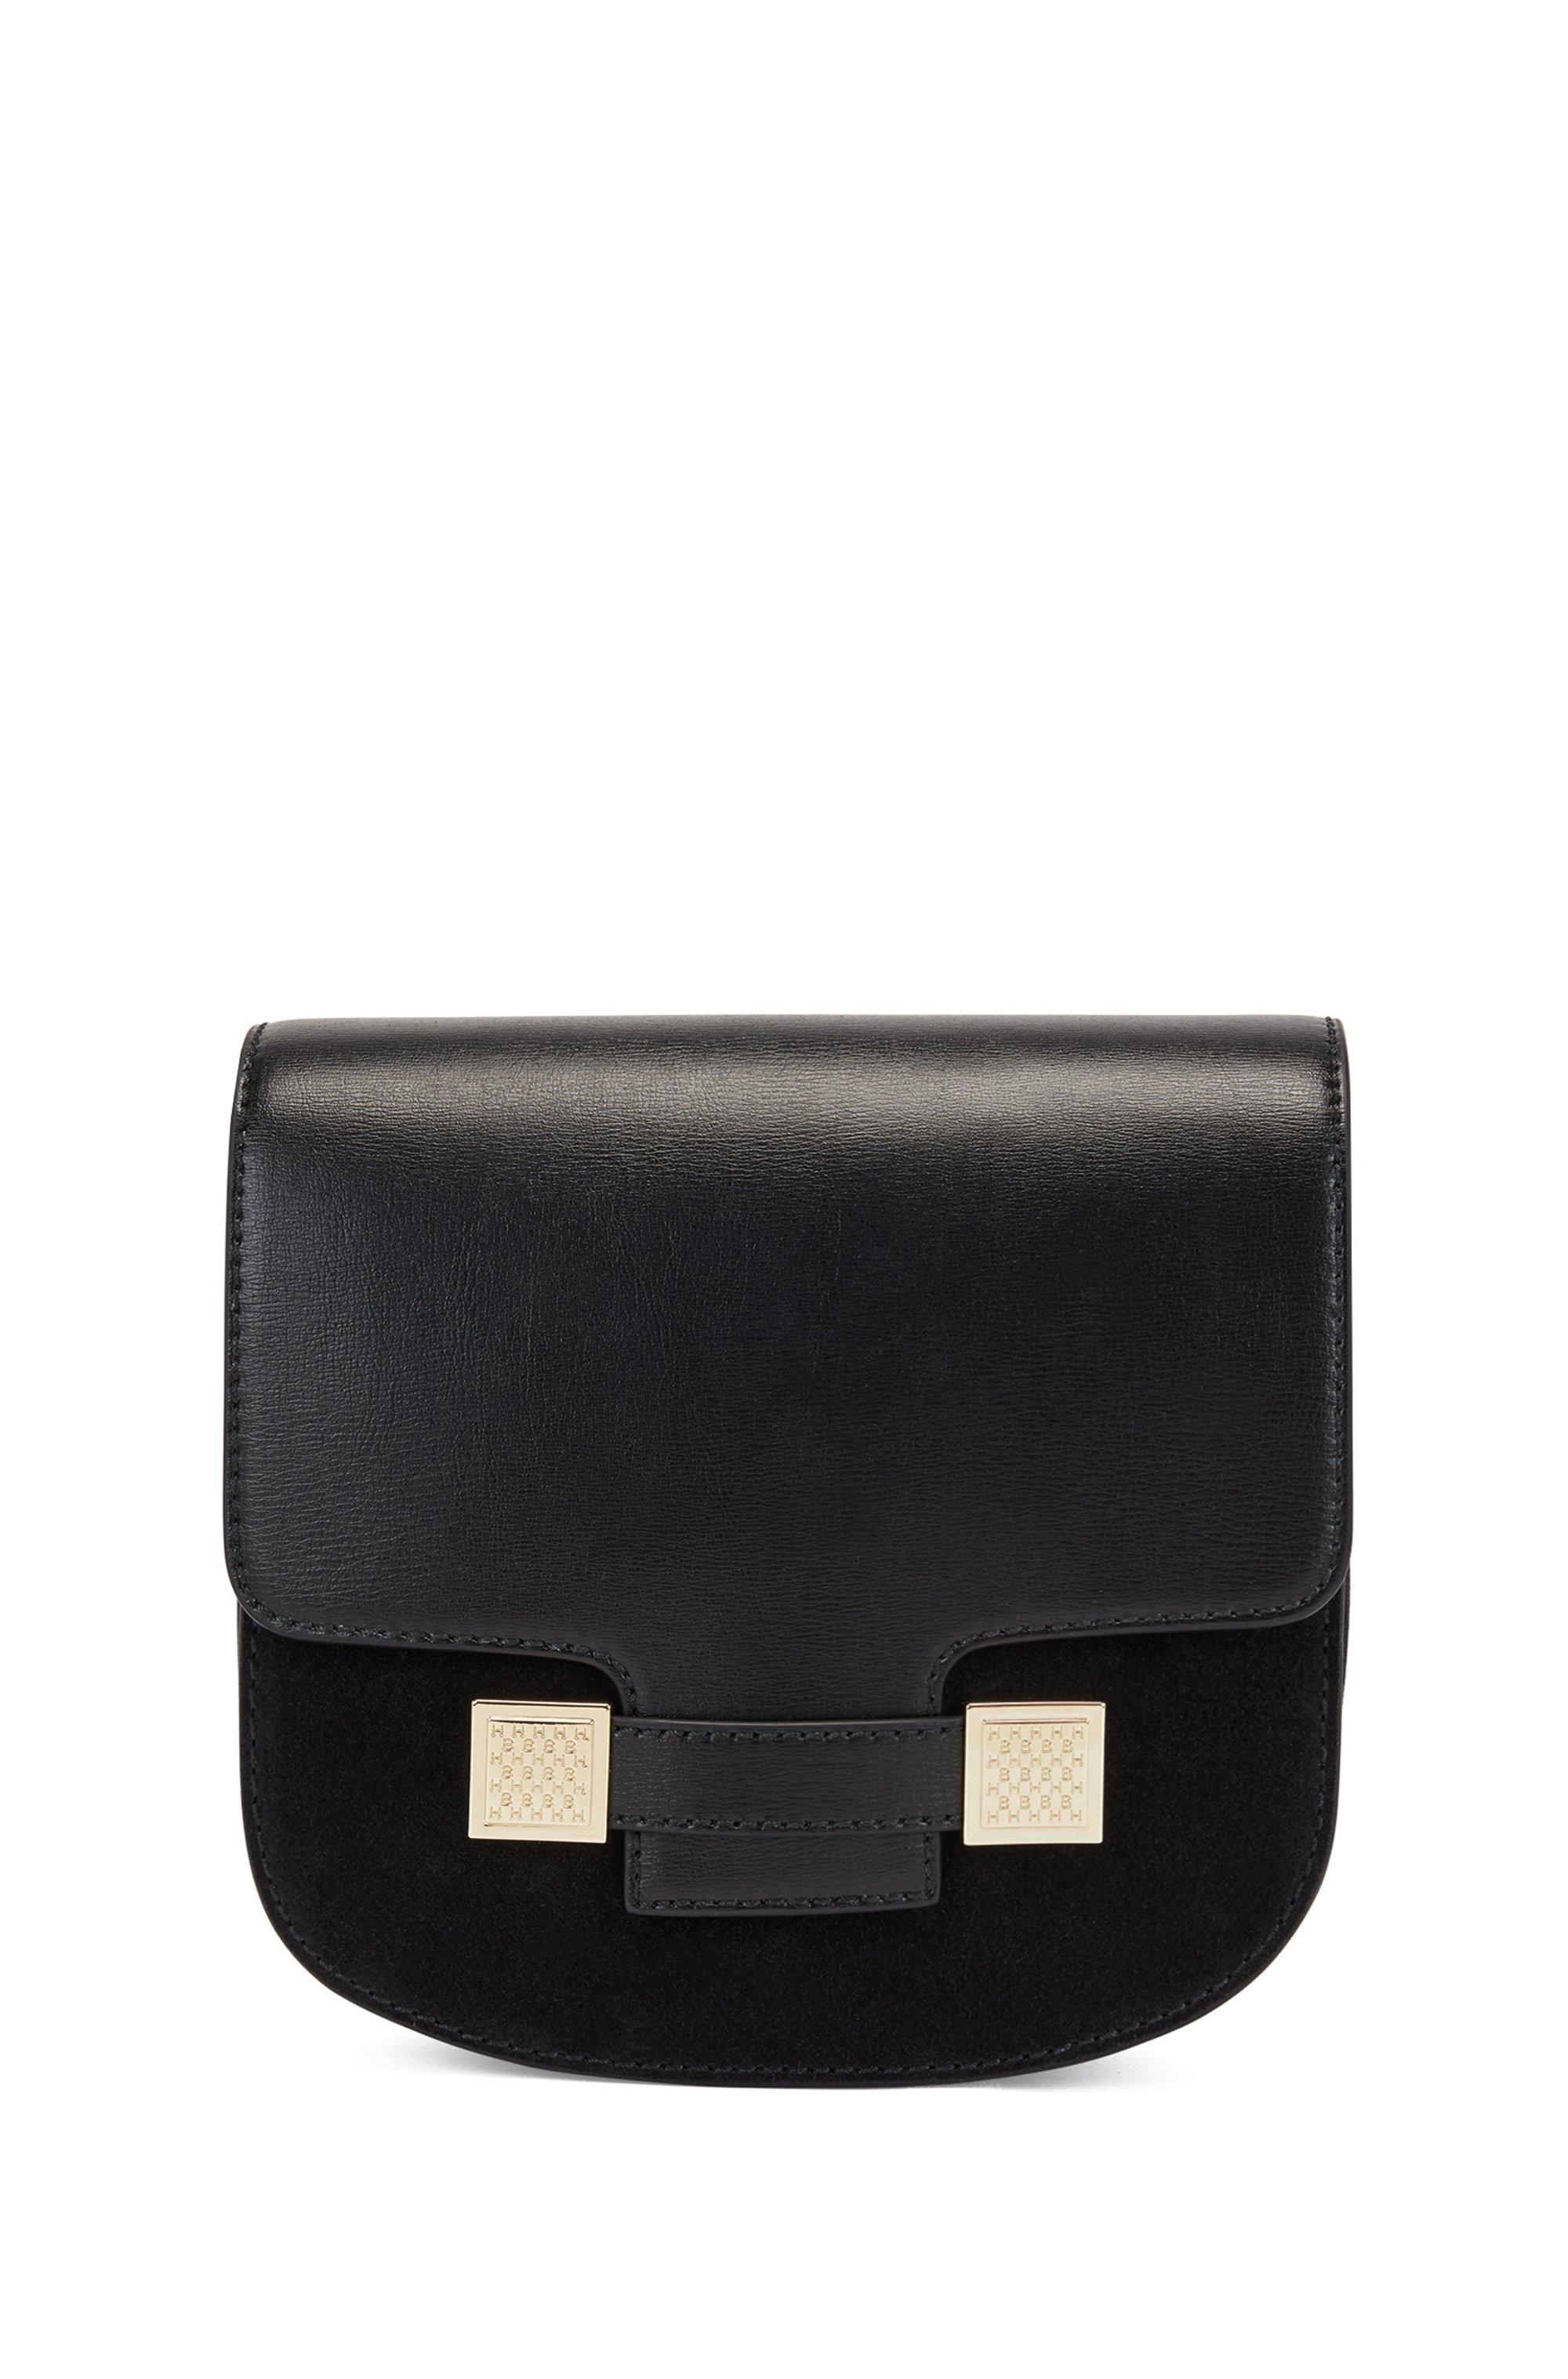 Besace en cuir et cuir suédé avec garnitures en métal à monogramme, Noir